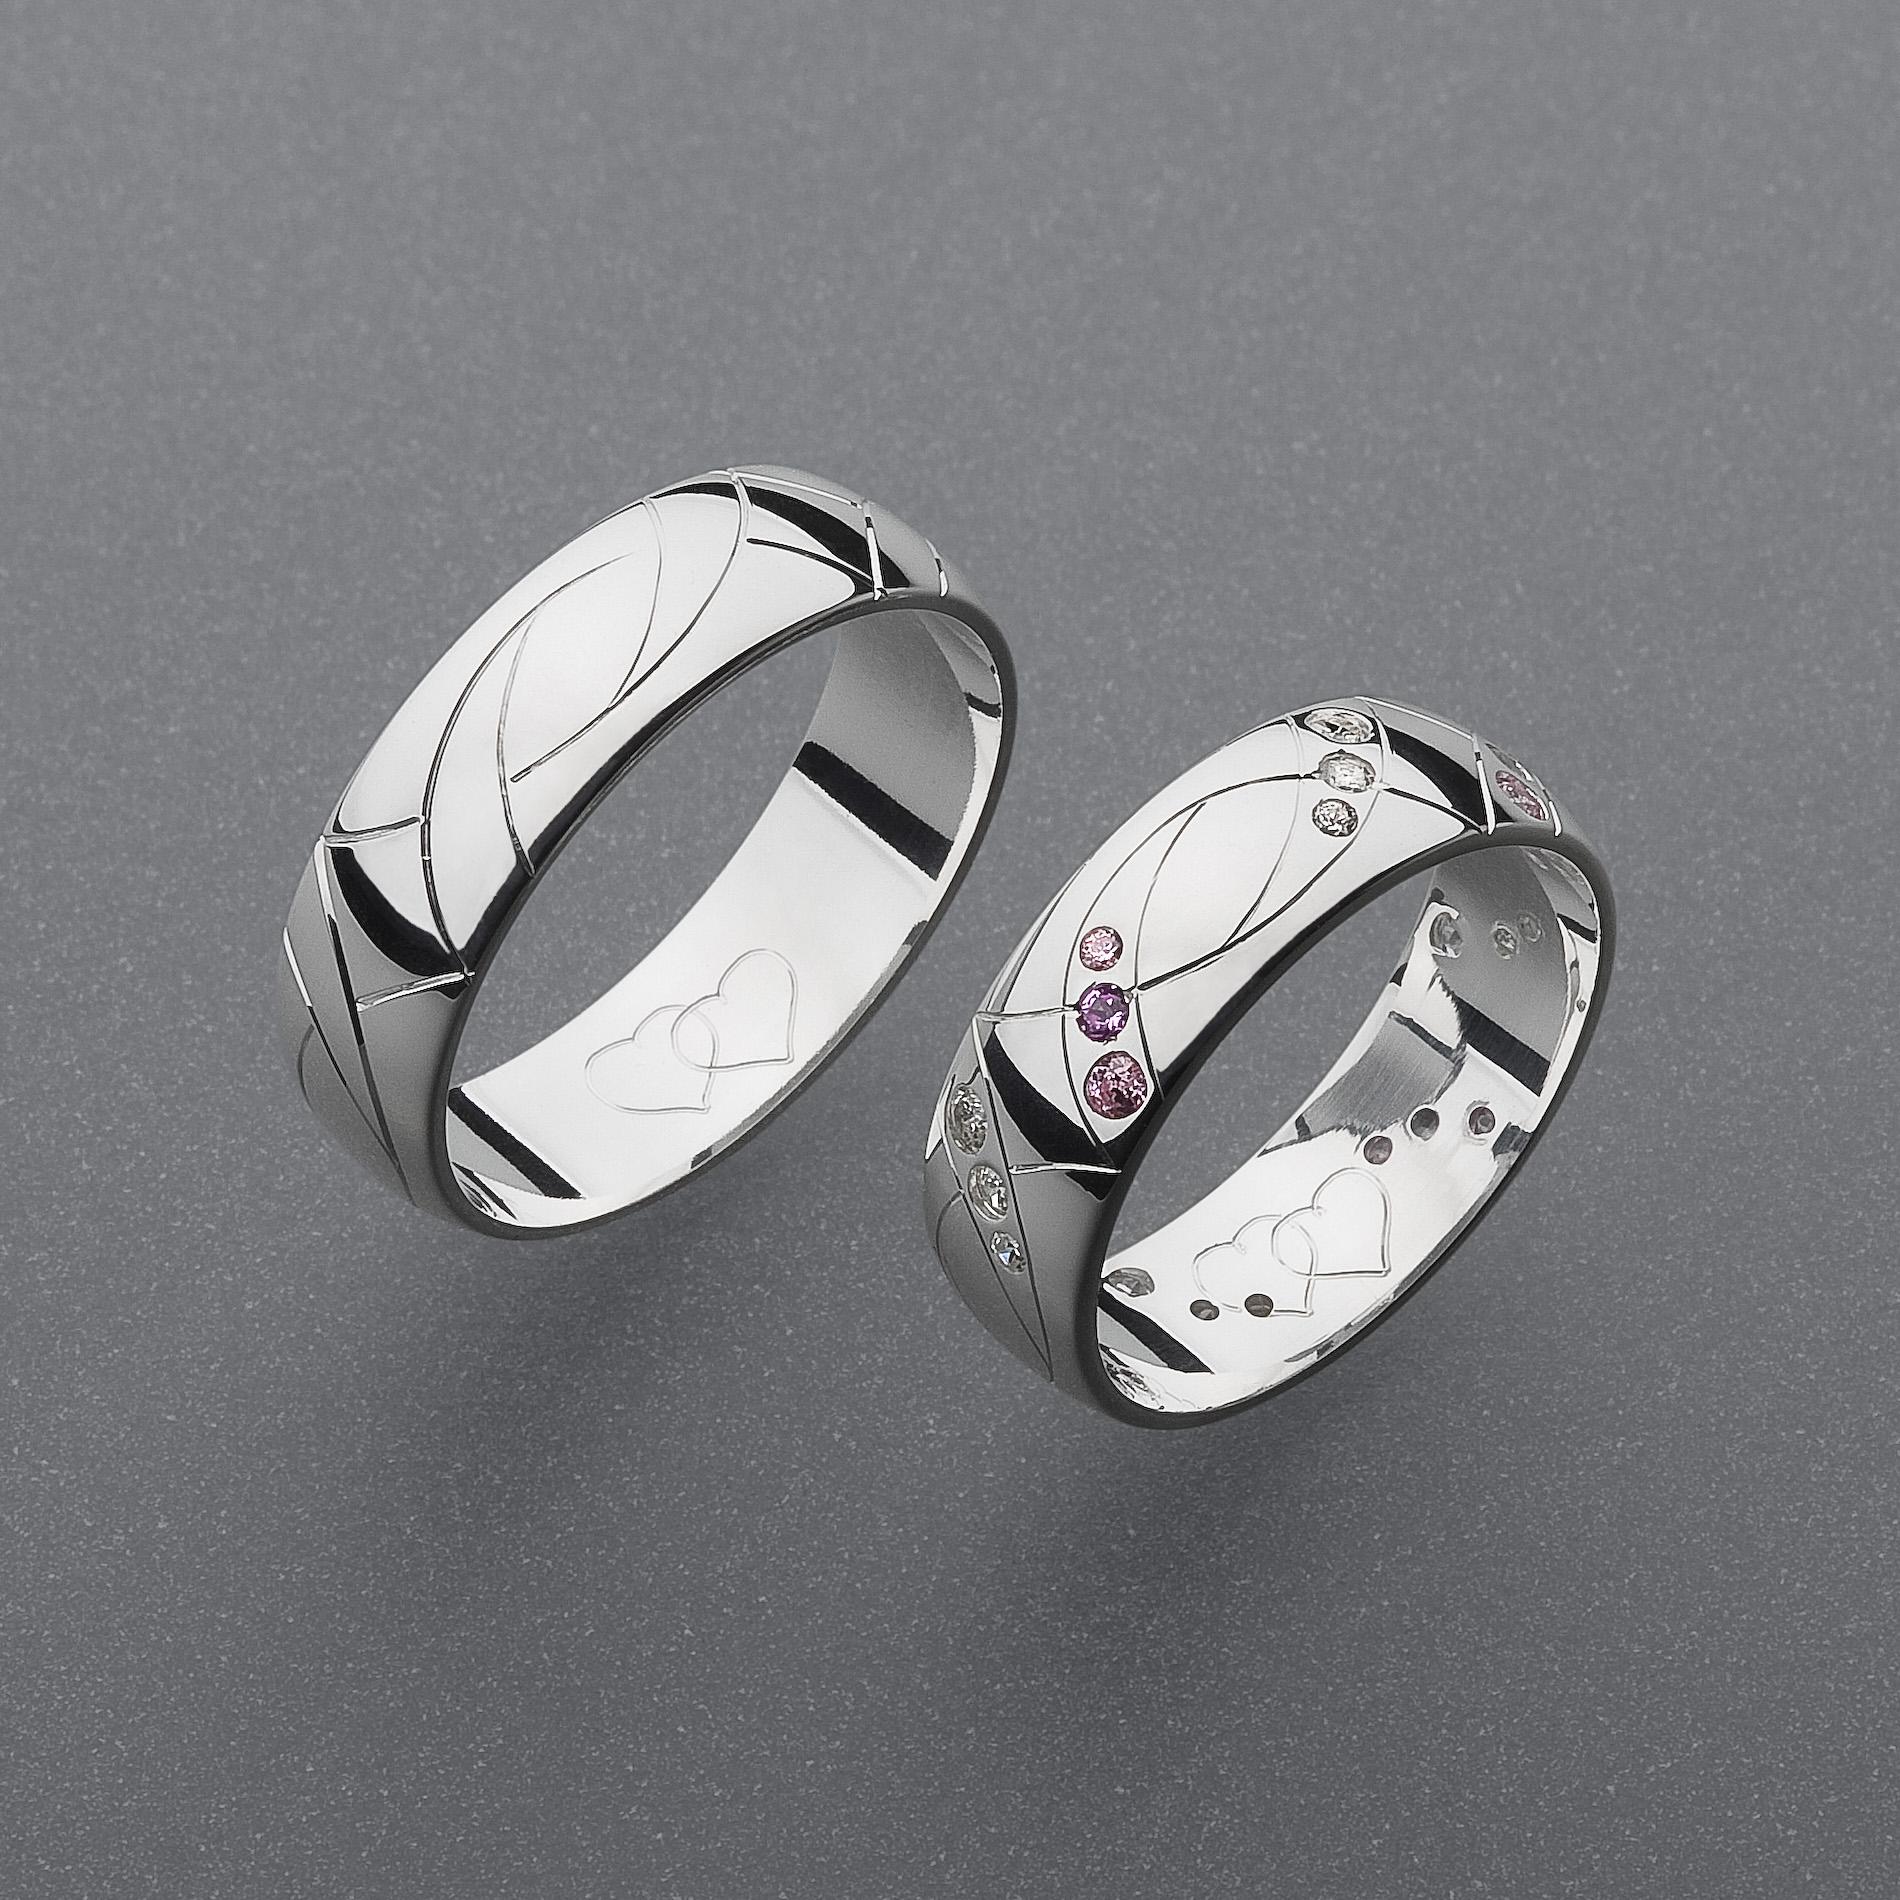 Stribrne Snubni Prsteny Vzor Z56